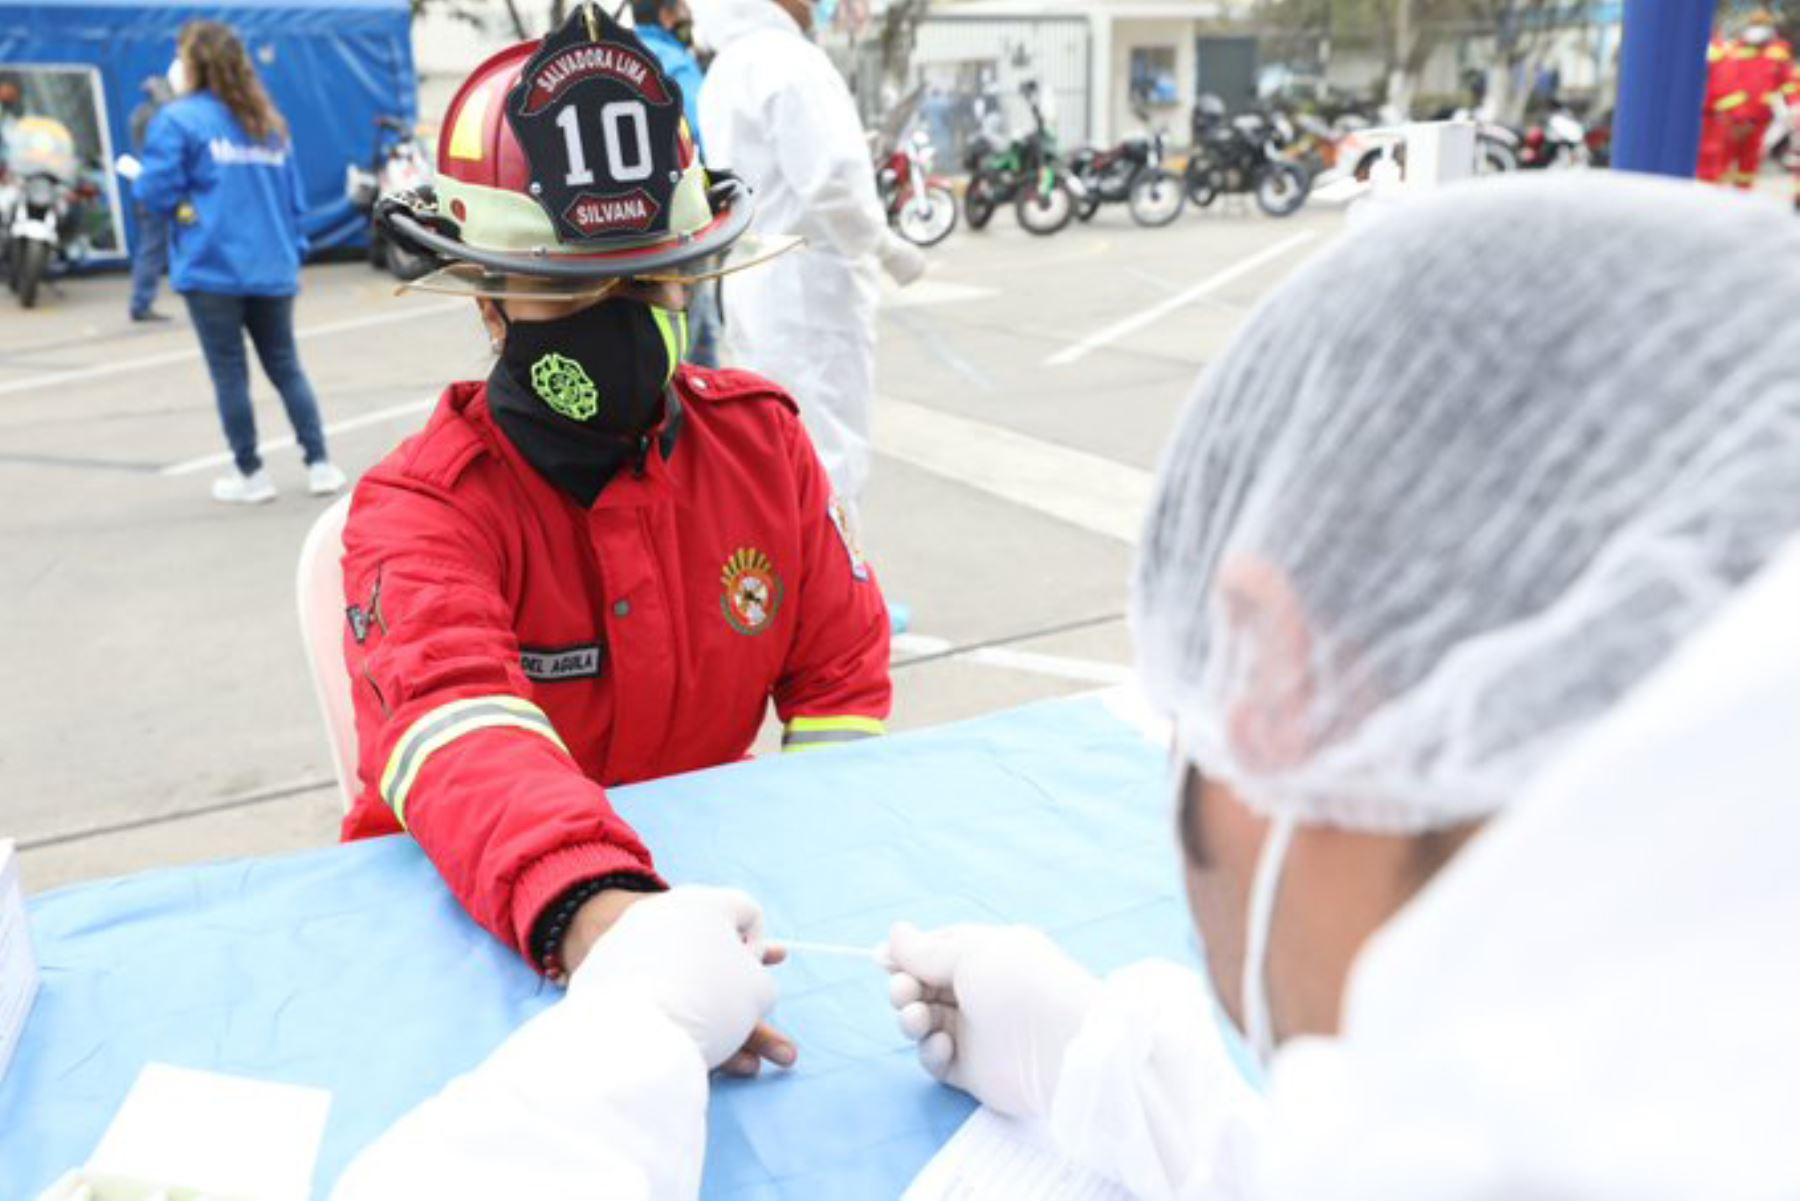 Jornada de despistaje de Covid-19 con pruebas rápidas y moleculares al contingente motorizado del Cuerpo General de Bomberos Voluntarios del Perú en las inmediaciones de la sede central de EsSalud. Foto: ANDINA/EsSalud